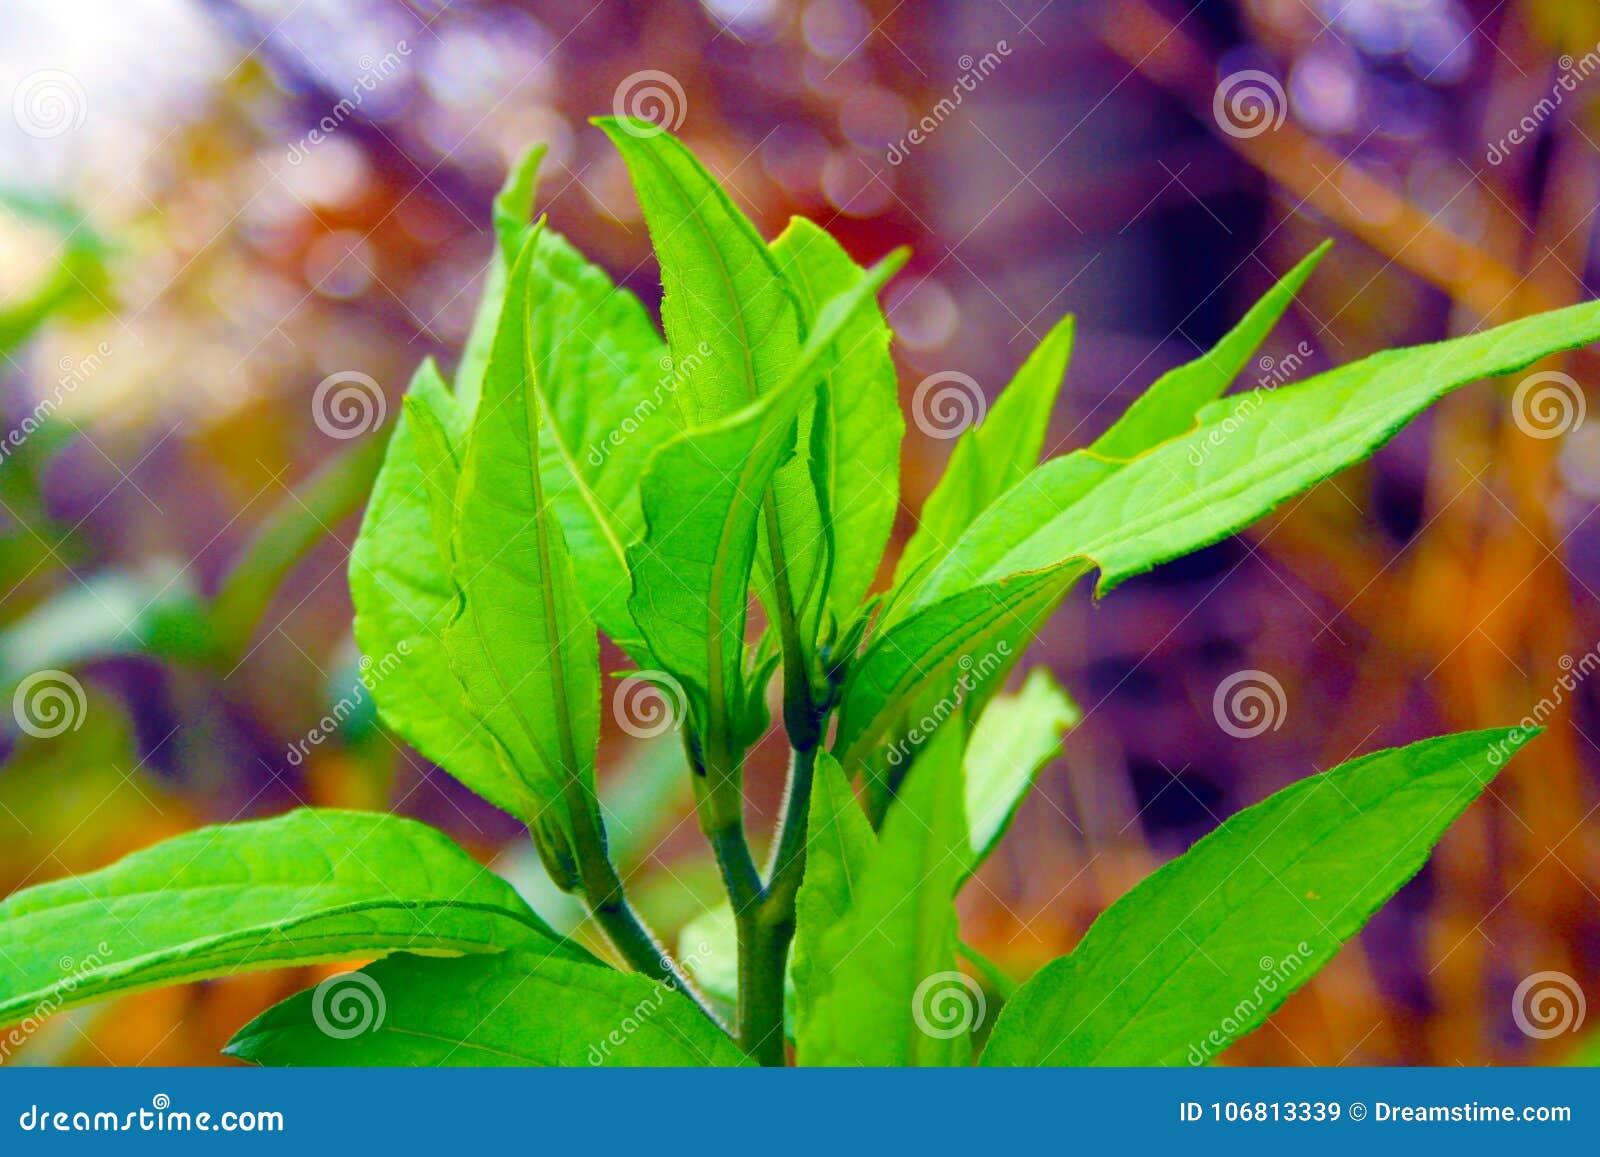 Pierwsze piętro kwiat Śródziemnomorska plama w półwysepa salentina z długimi ujawnieniami bezpośredni słońce